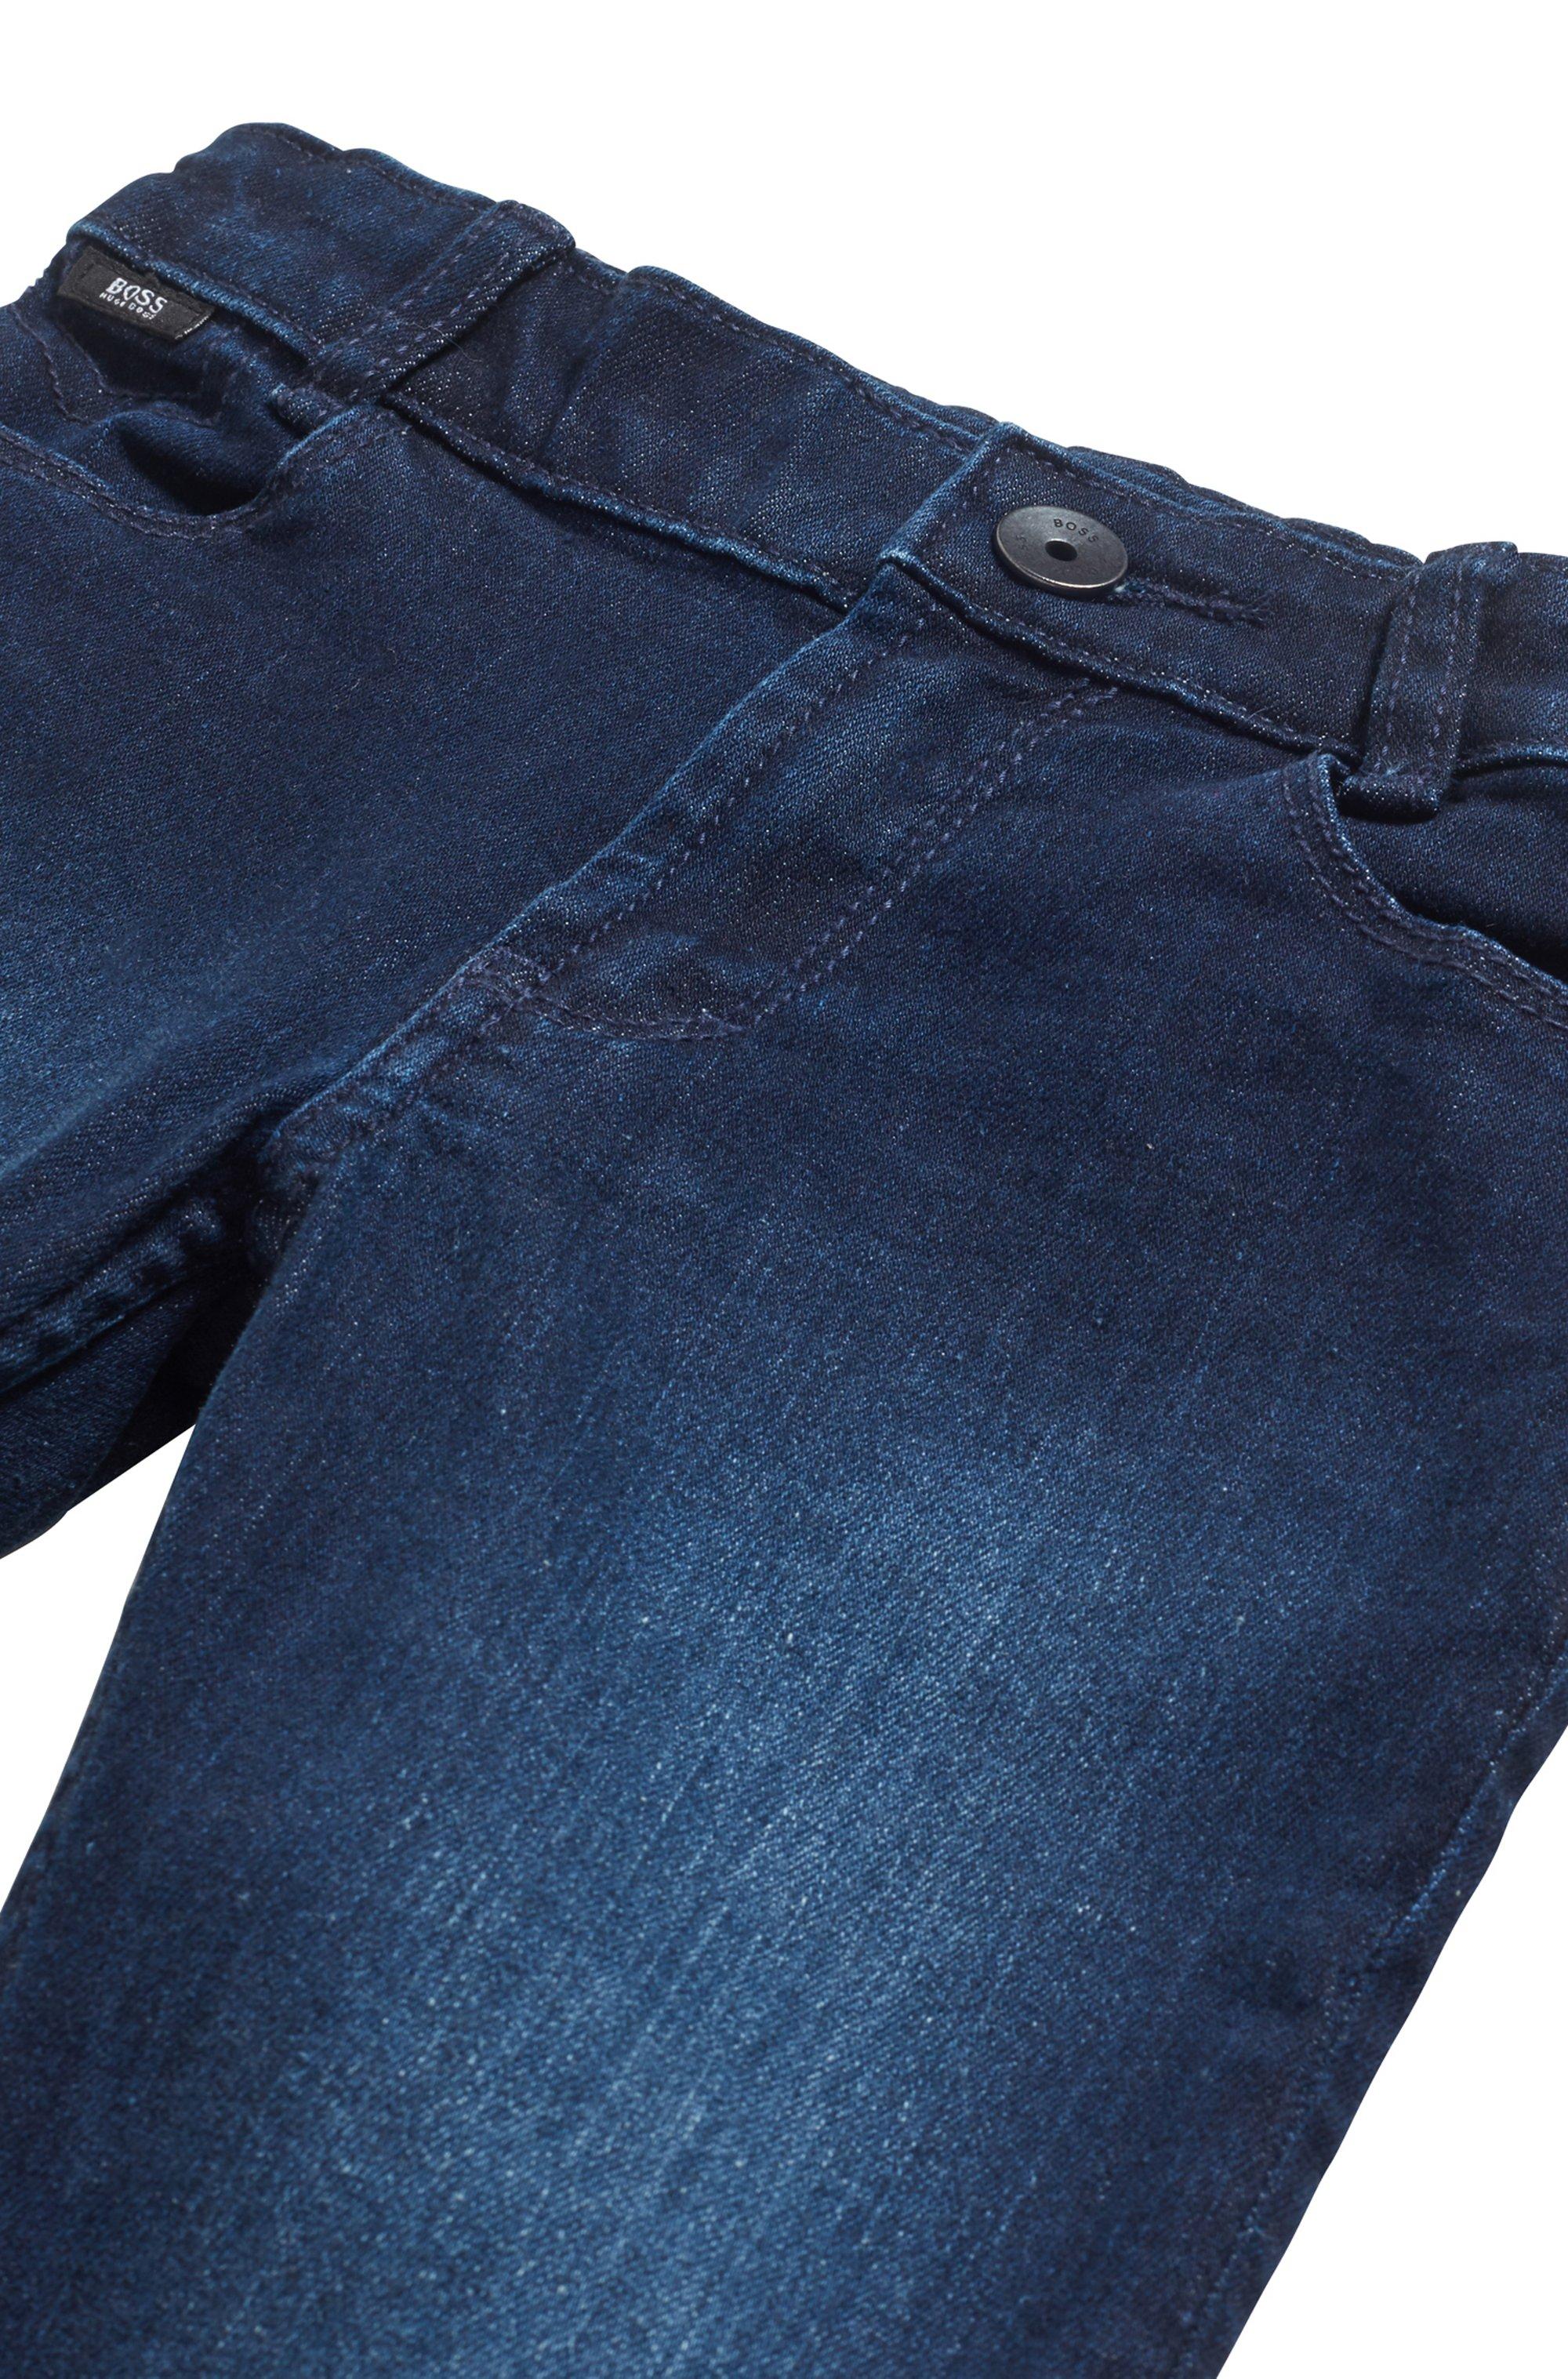 Kids' slim-fit jeans in blue stretch denim